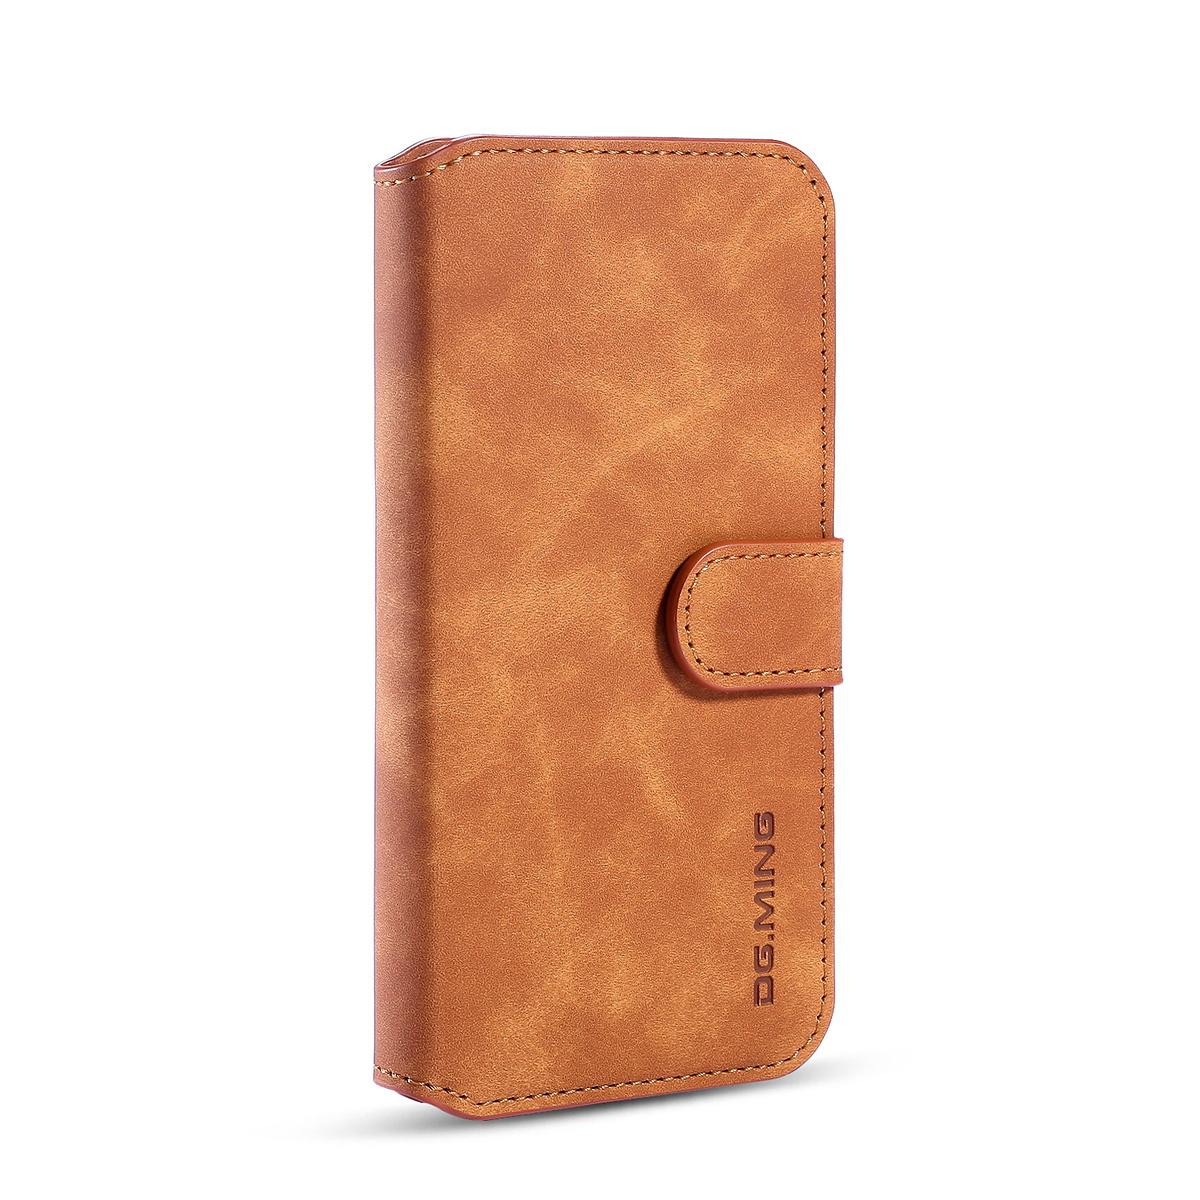 DG.MING Retro läderfodral med ställ till iPhone 11 Pro, brun